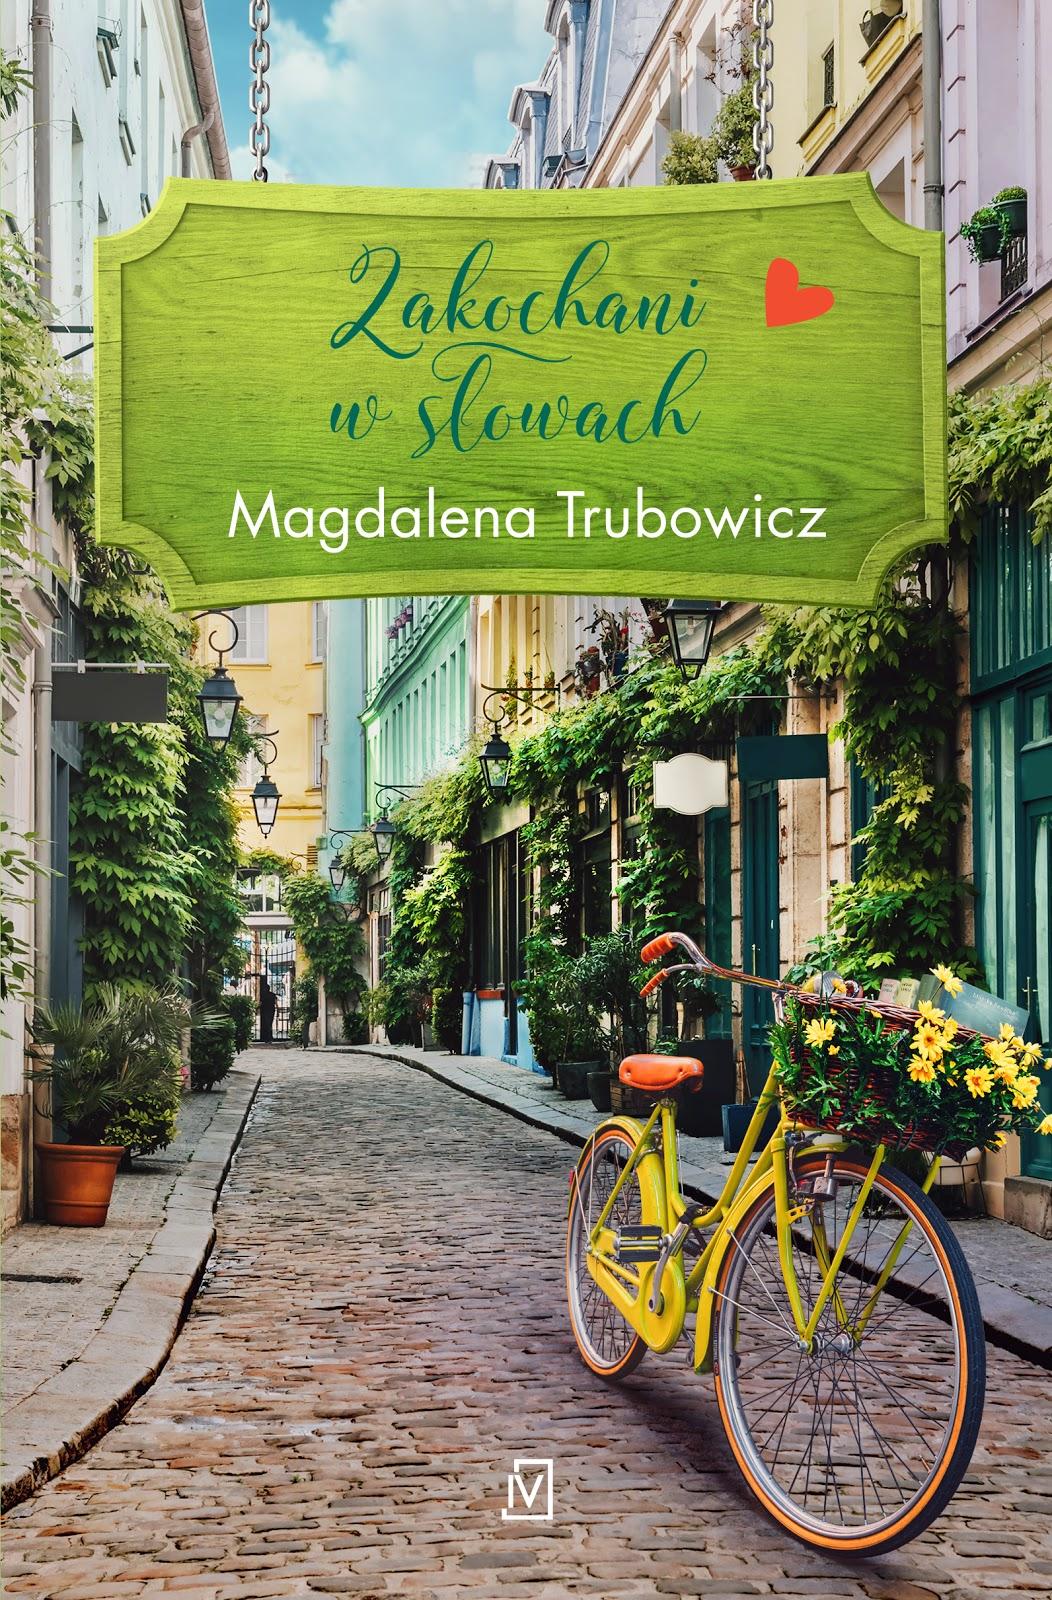 Zakochani w słowach – Magdalena Trubowicz. Patronat medialny